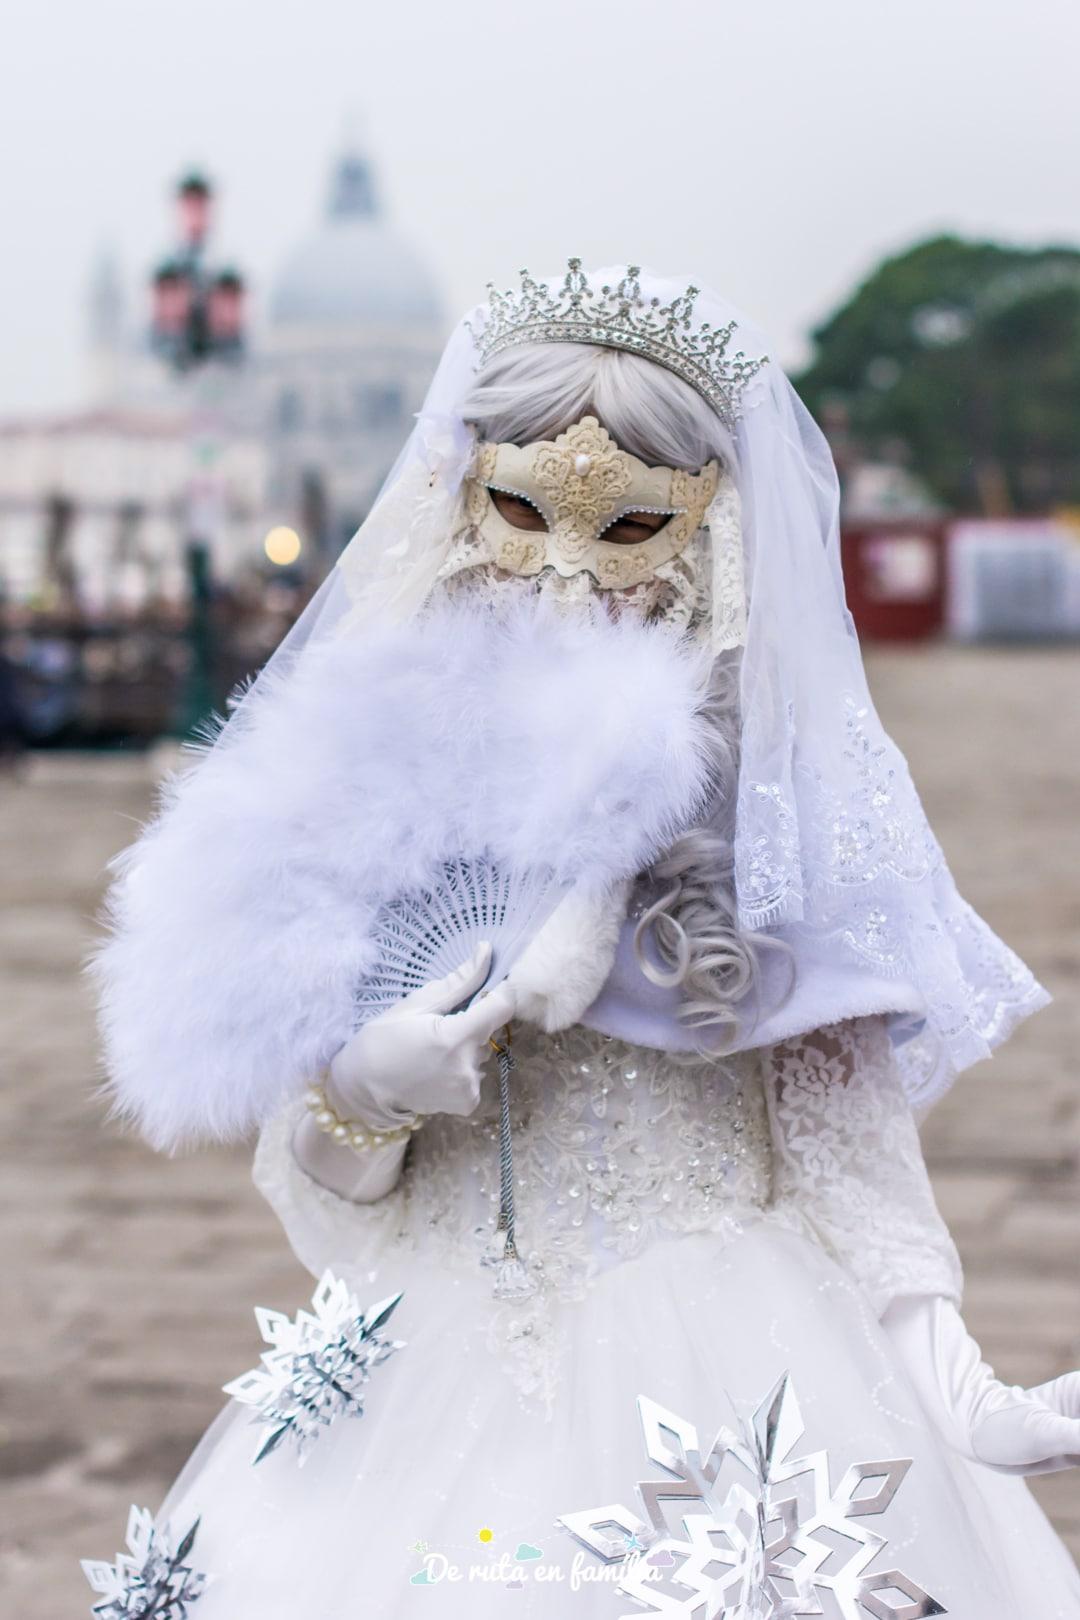 allotjament durant el carnaval de venecia